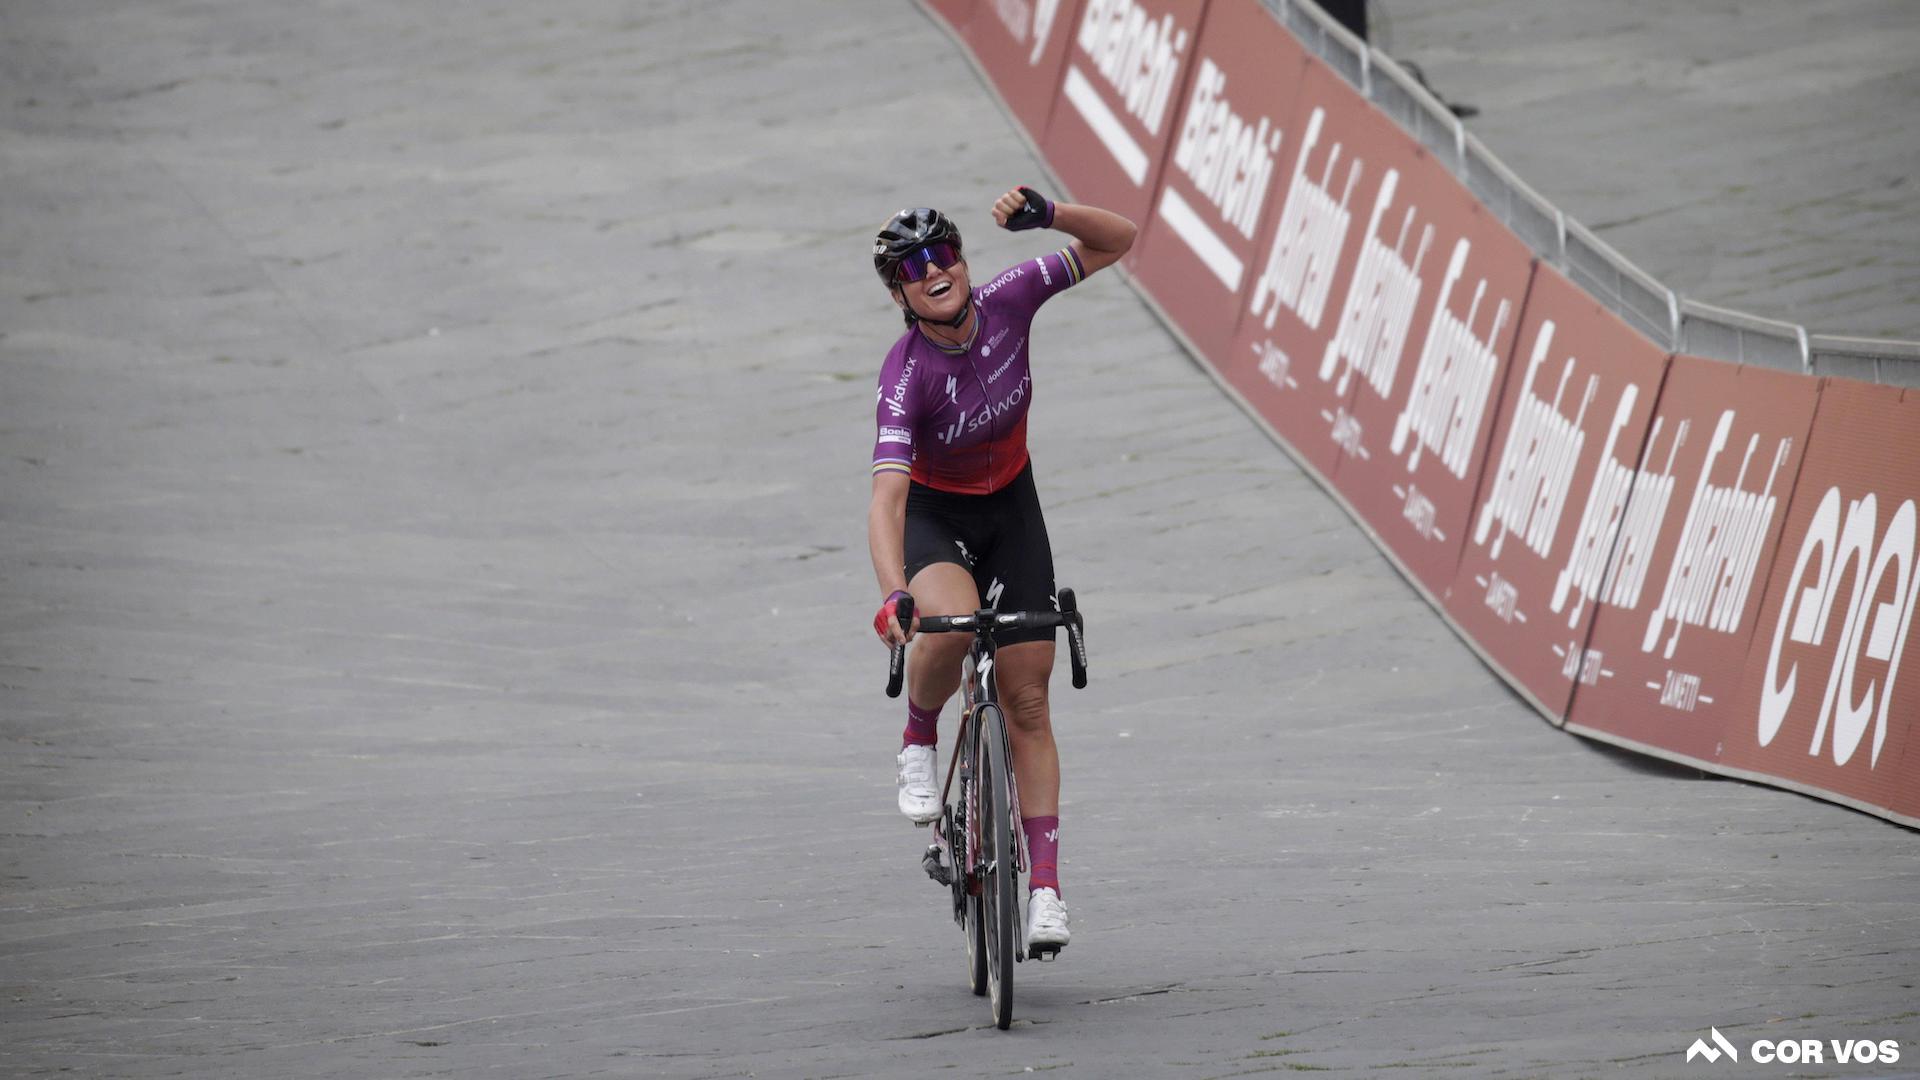 Chantal van den Broek-Blaak gewinnt Strade Bianche